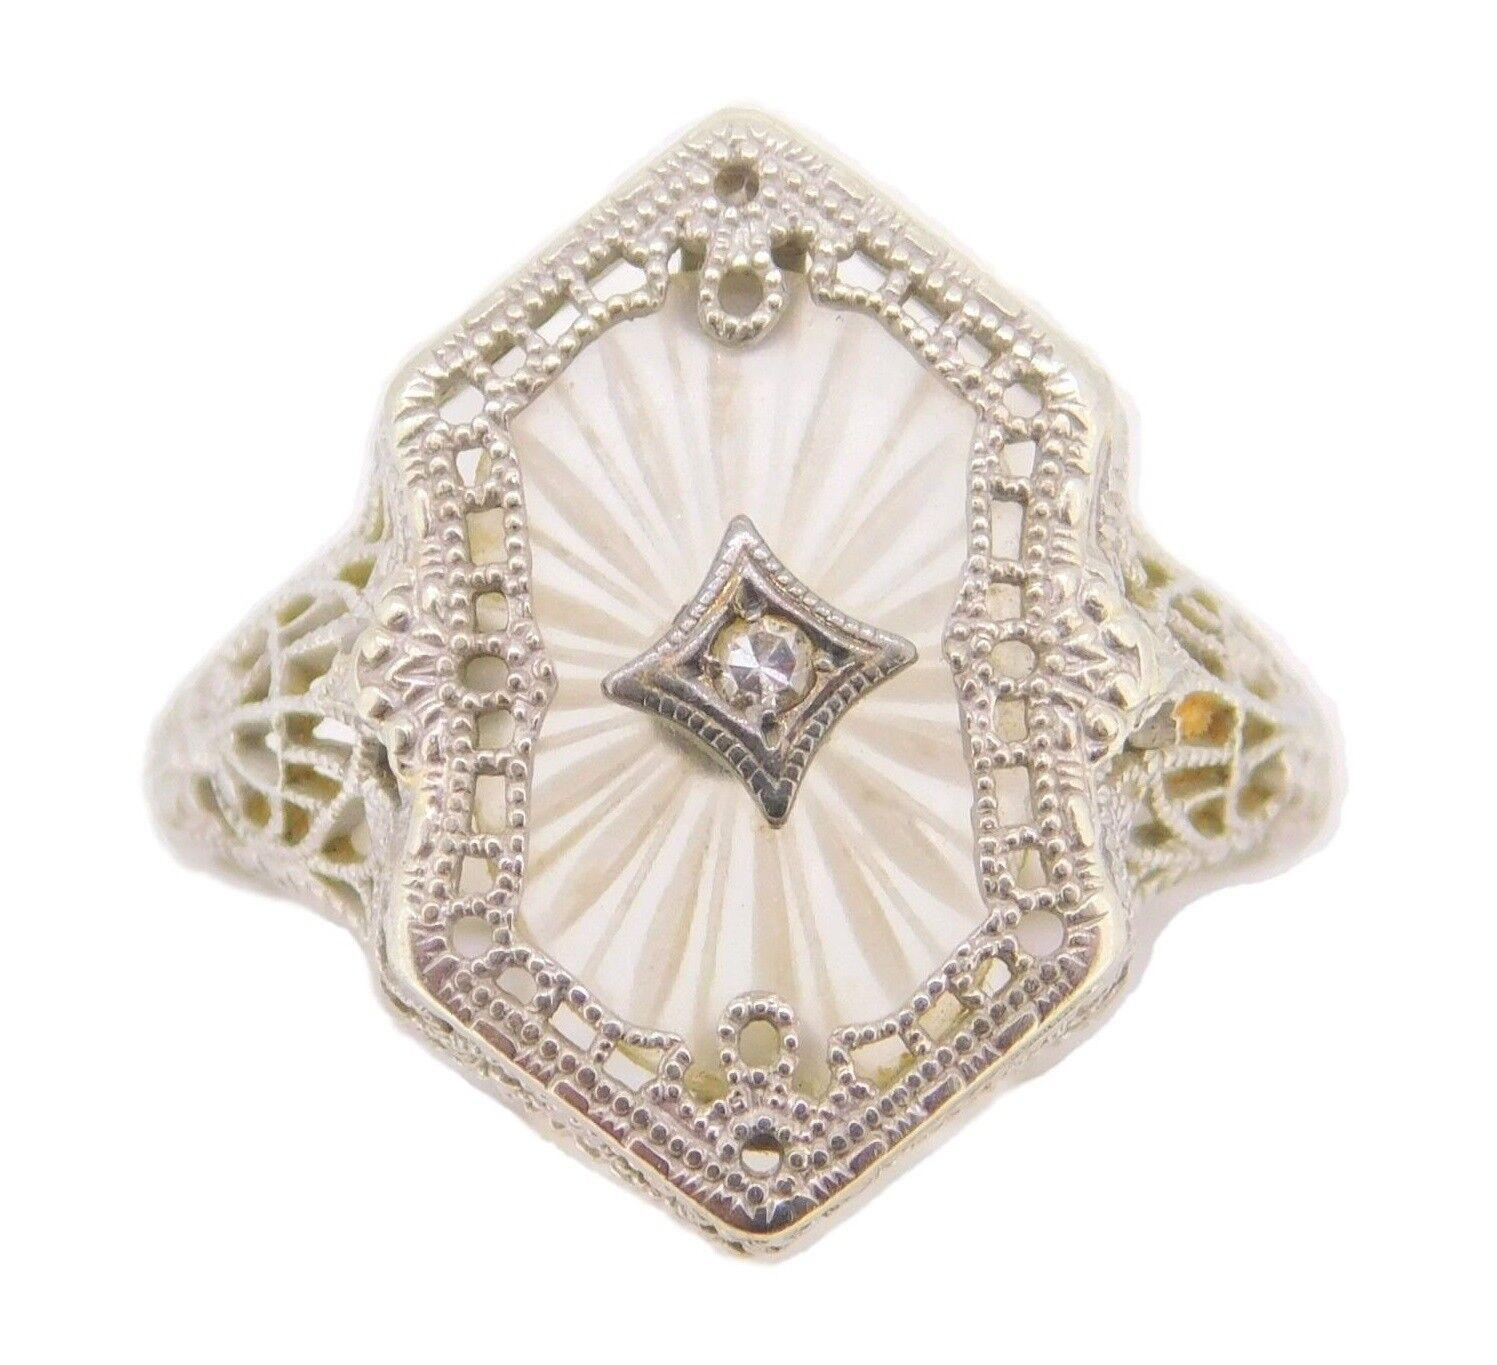 Con Diamanti E Gemme Argento Sterling 3pt Smeraldo & Marcasite Art Deco Geco Spilla